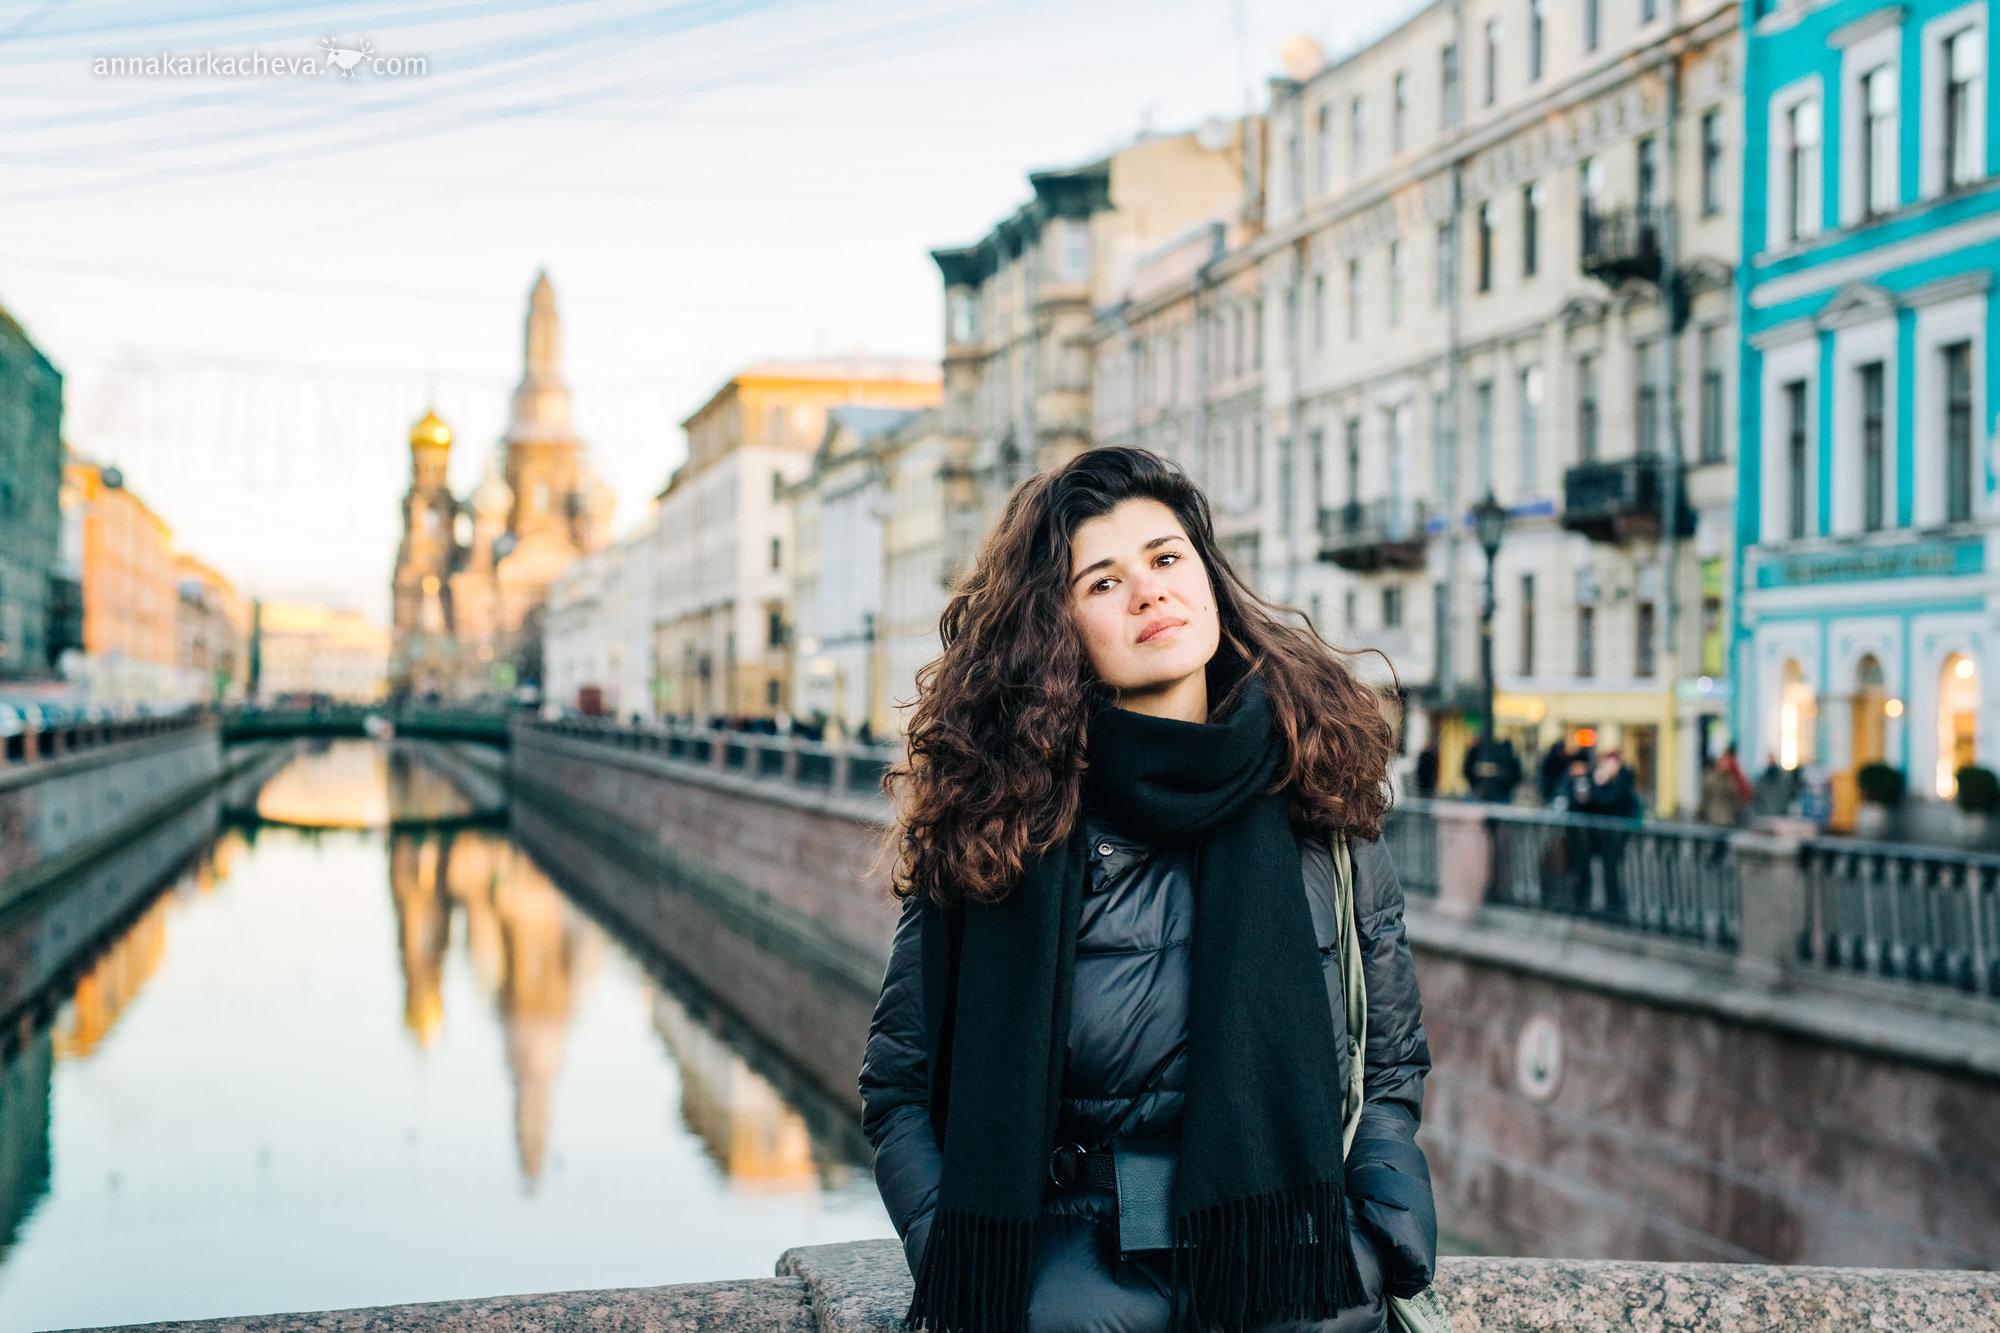 Фотопрогулки по санкт петербургу идеи